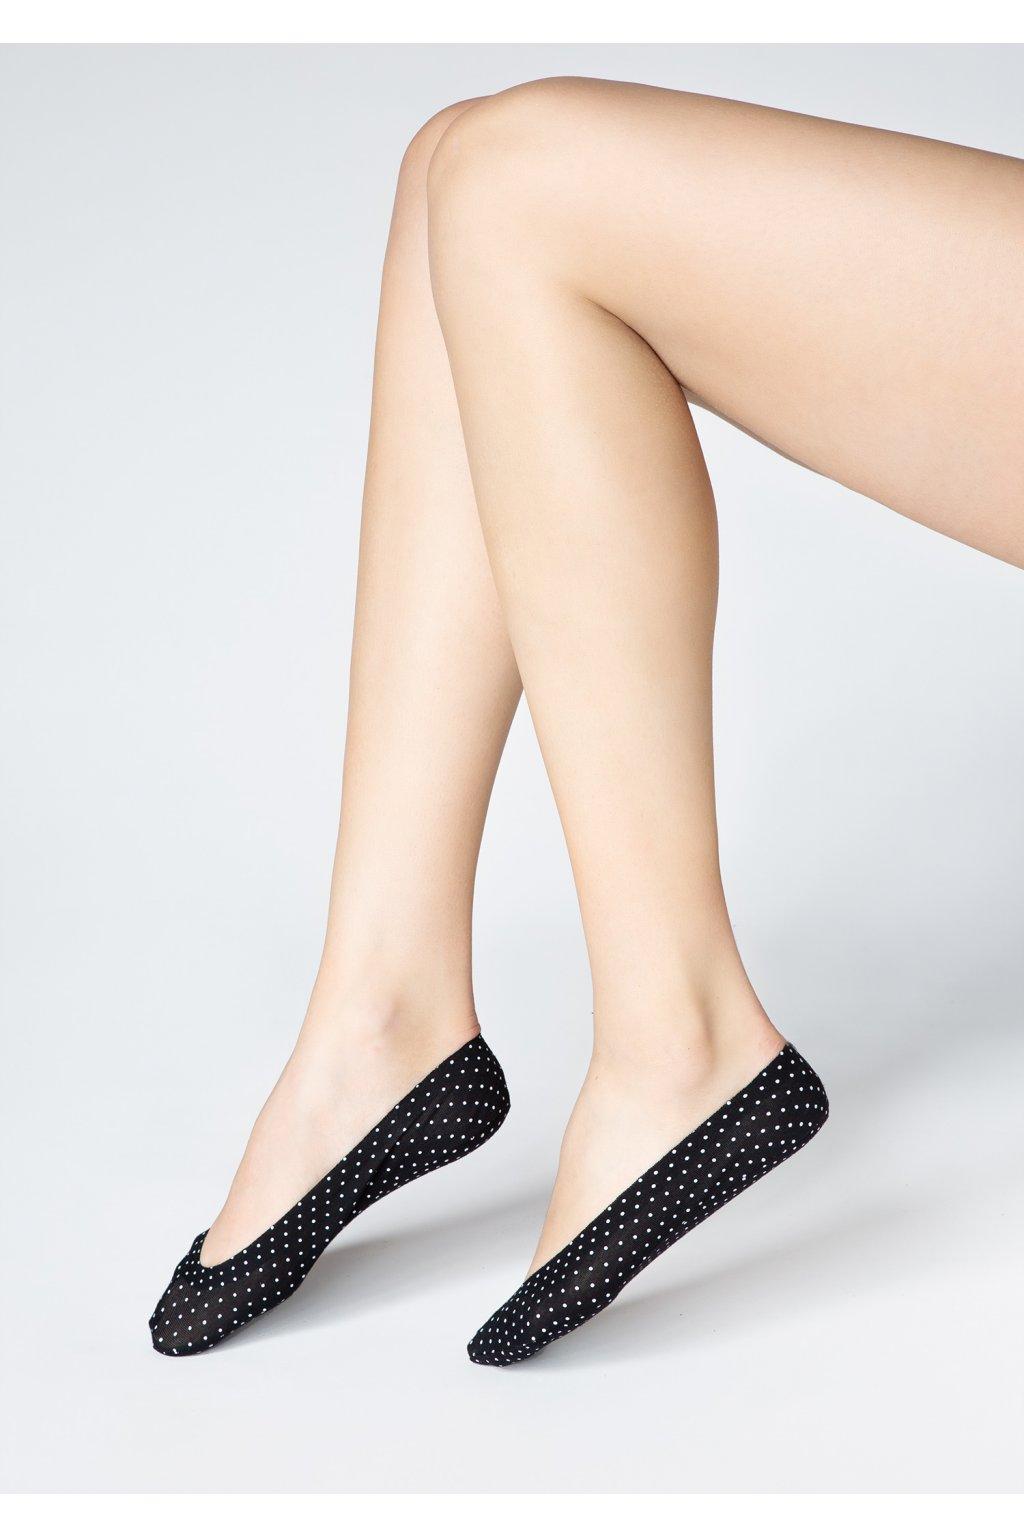 Nízké ponožky FASHION K22